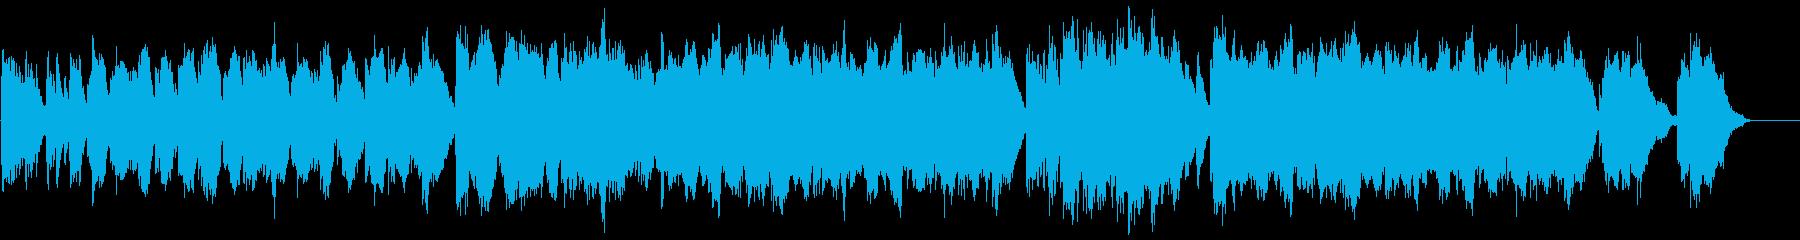 ピアノと弦楽器であたたかなミドルバラードの再生済みの波形